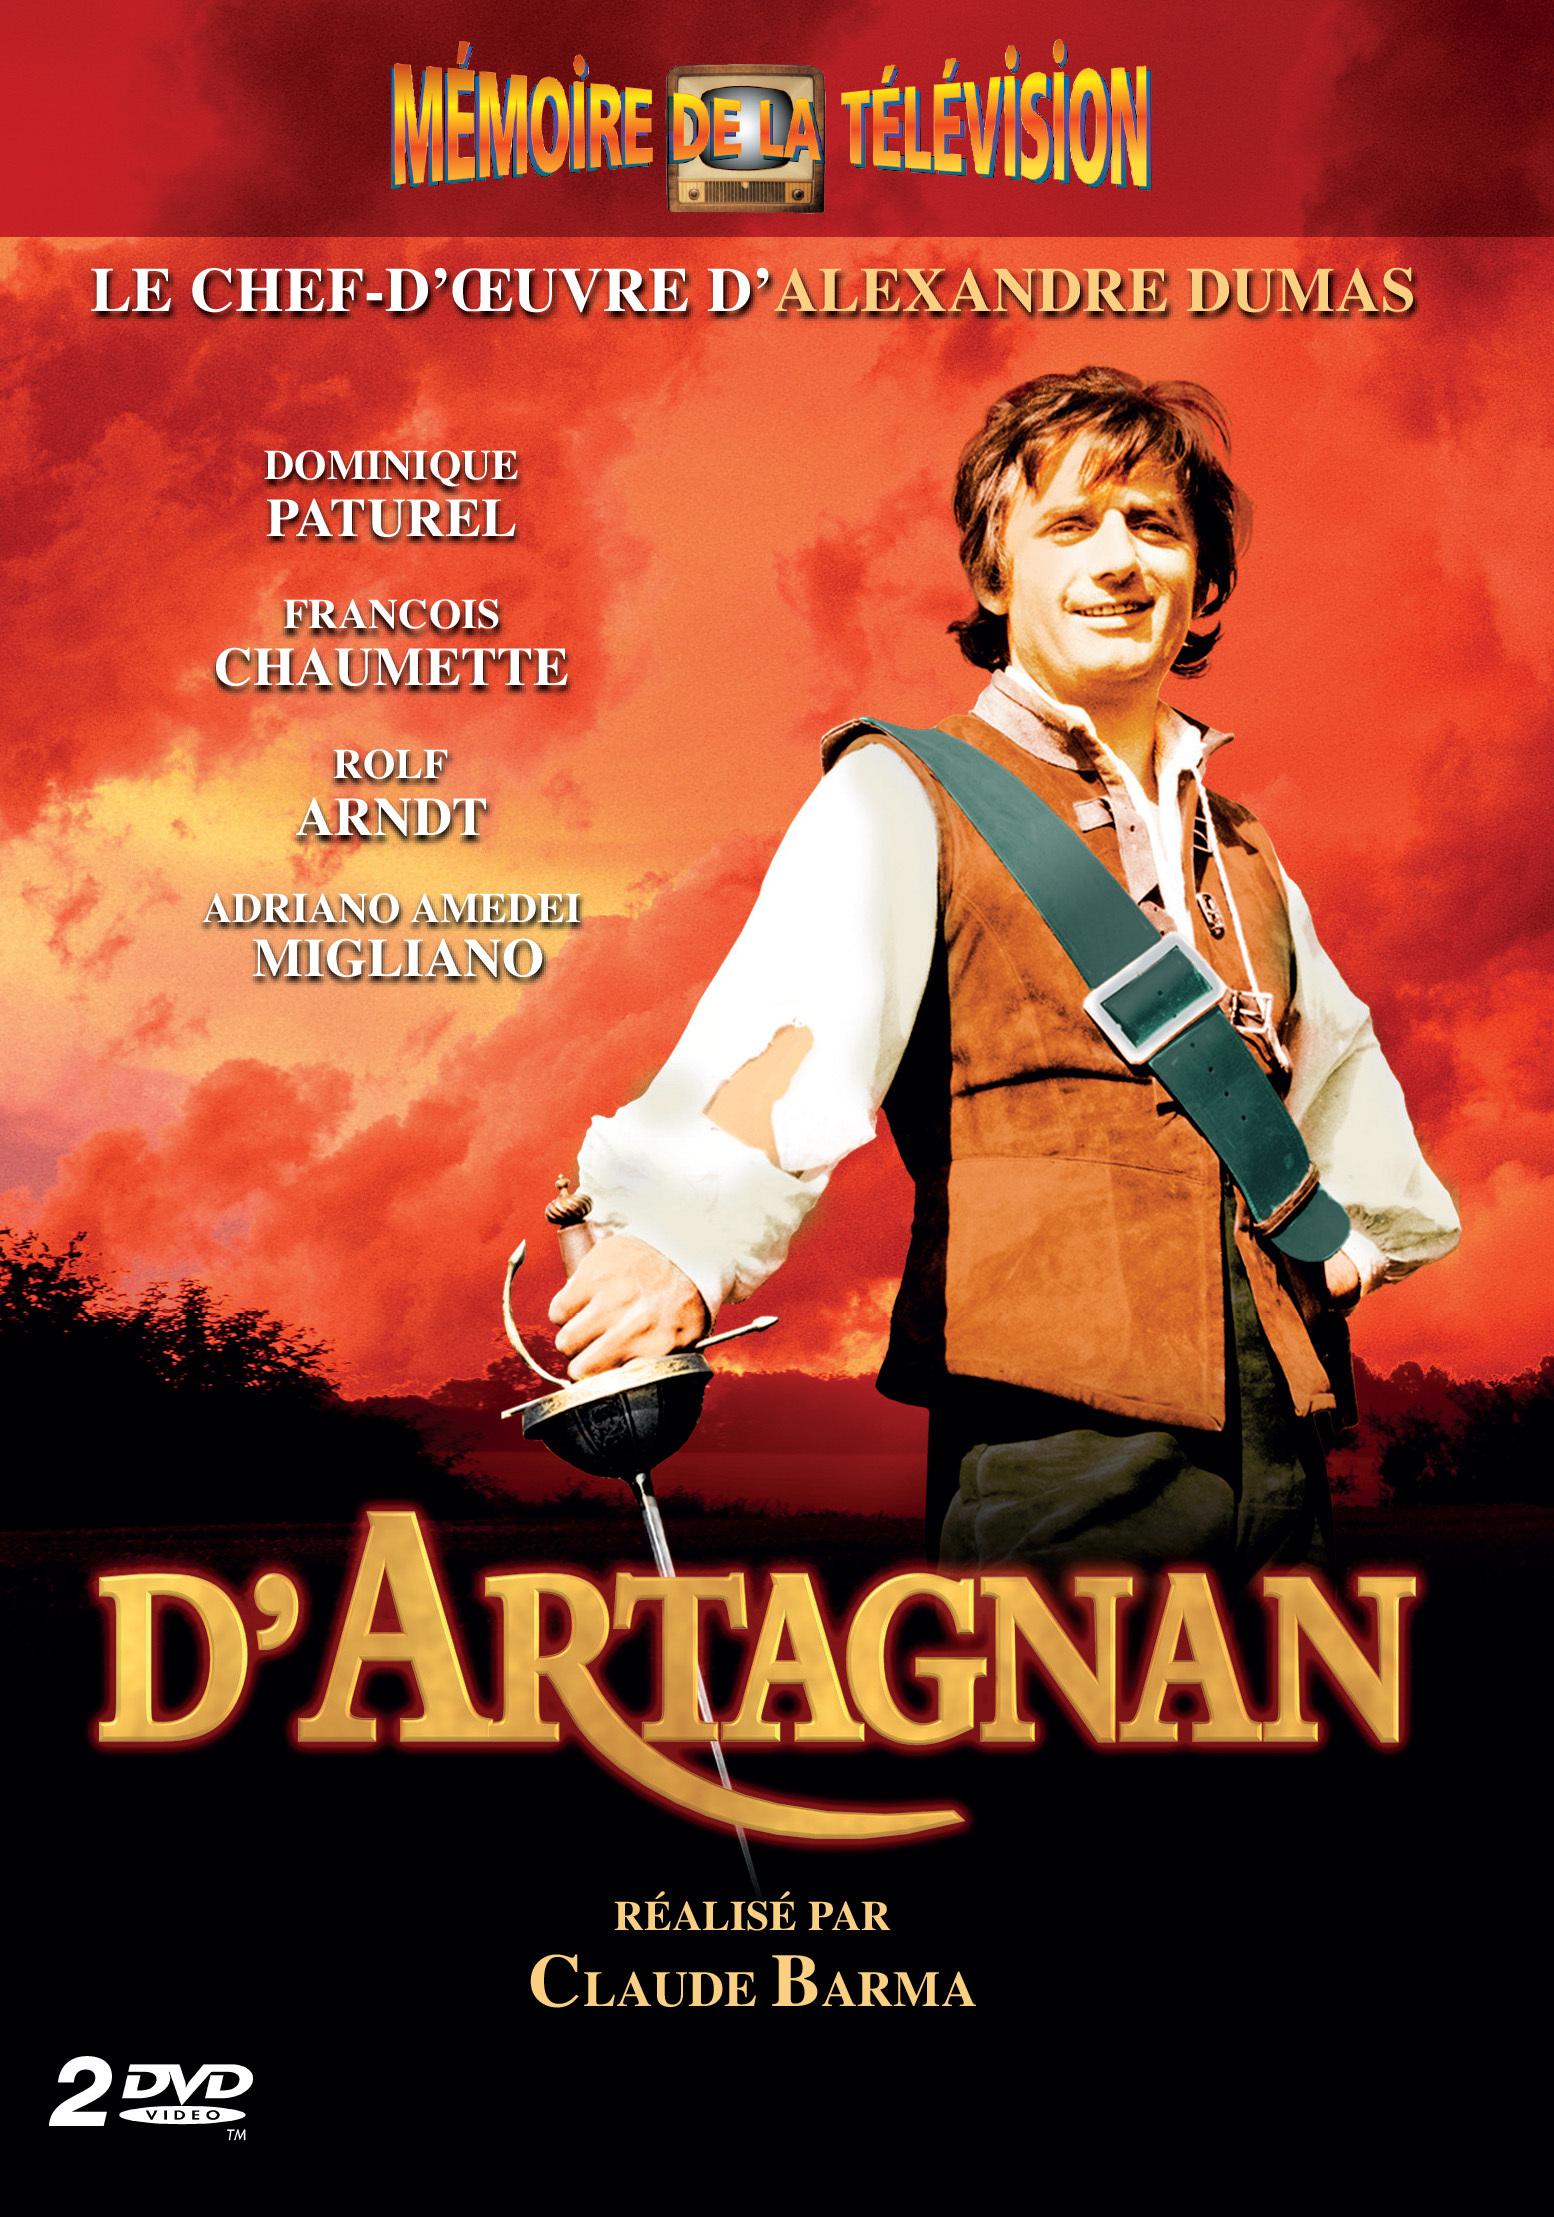 D'ARTAGNAN - 2 DVD